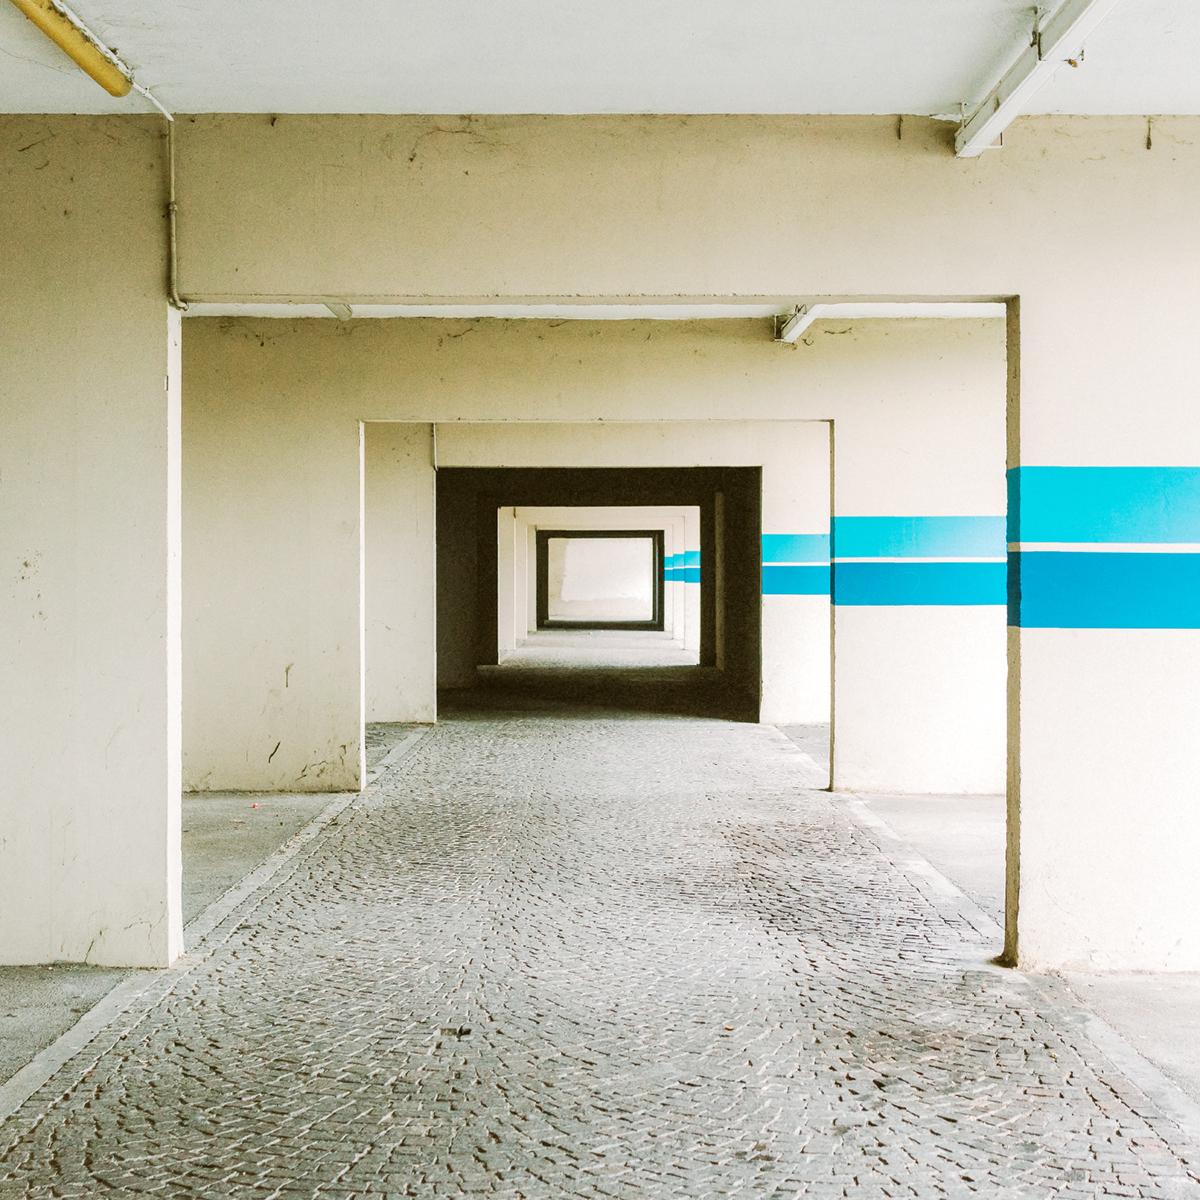 Colores y arquitectura de Matthias Heiderich 19